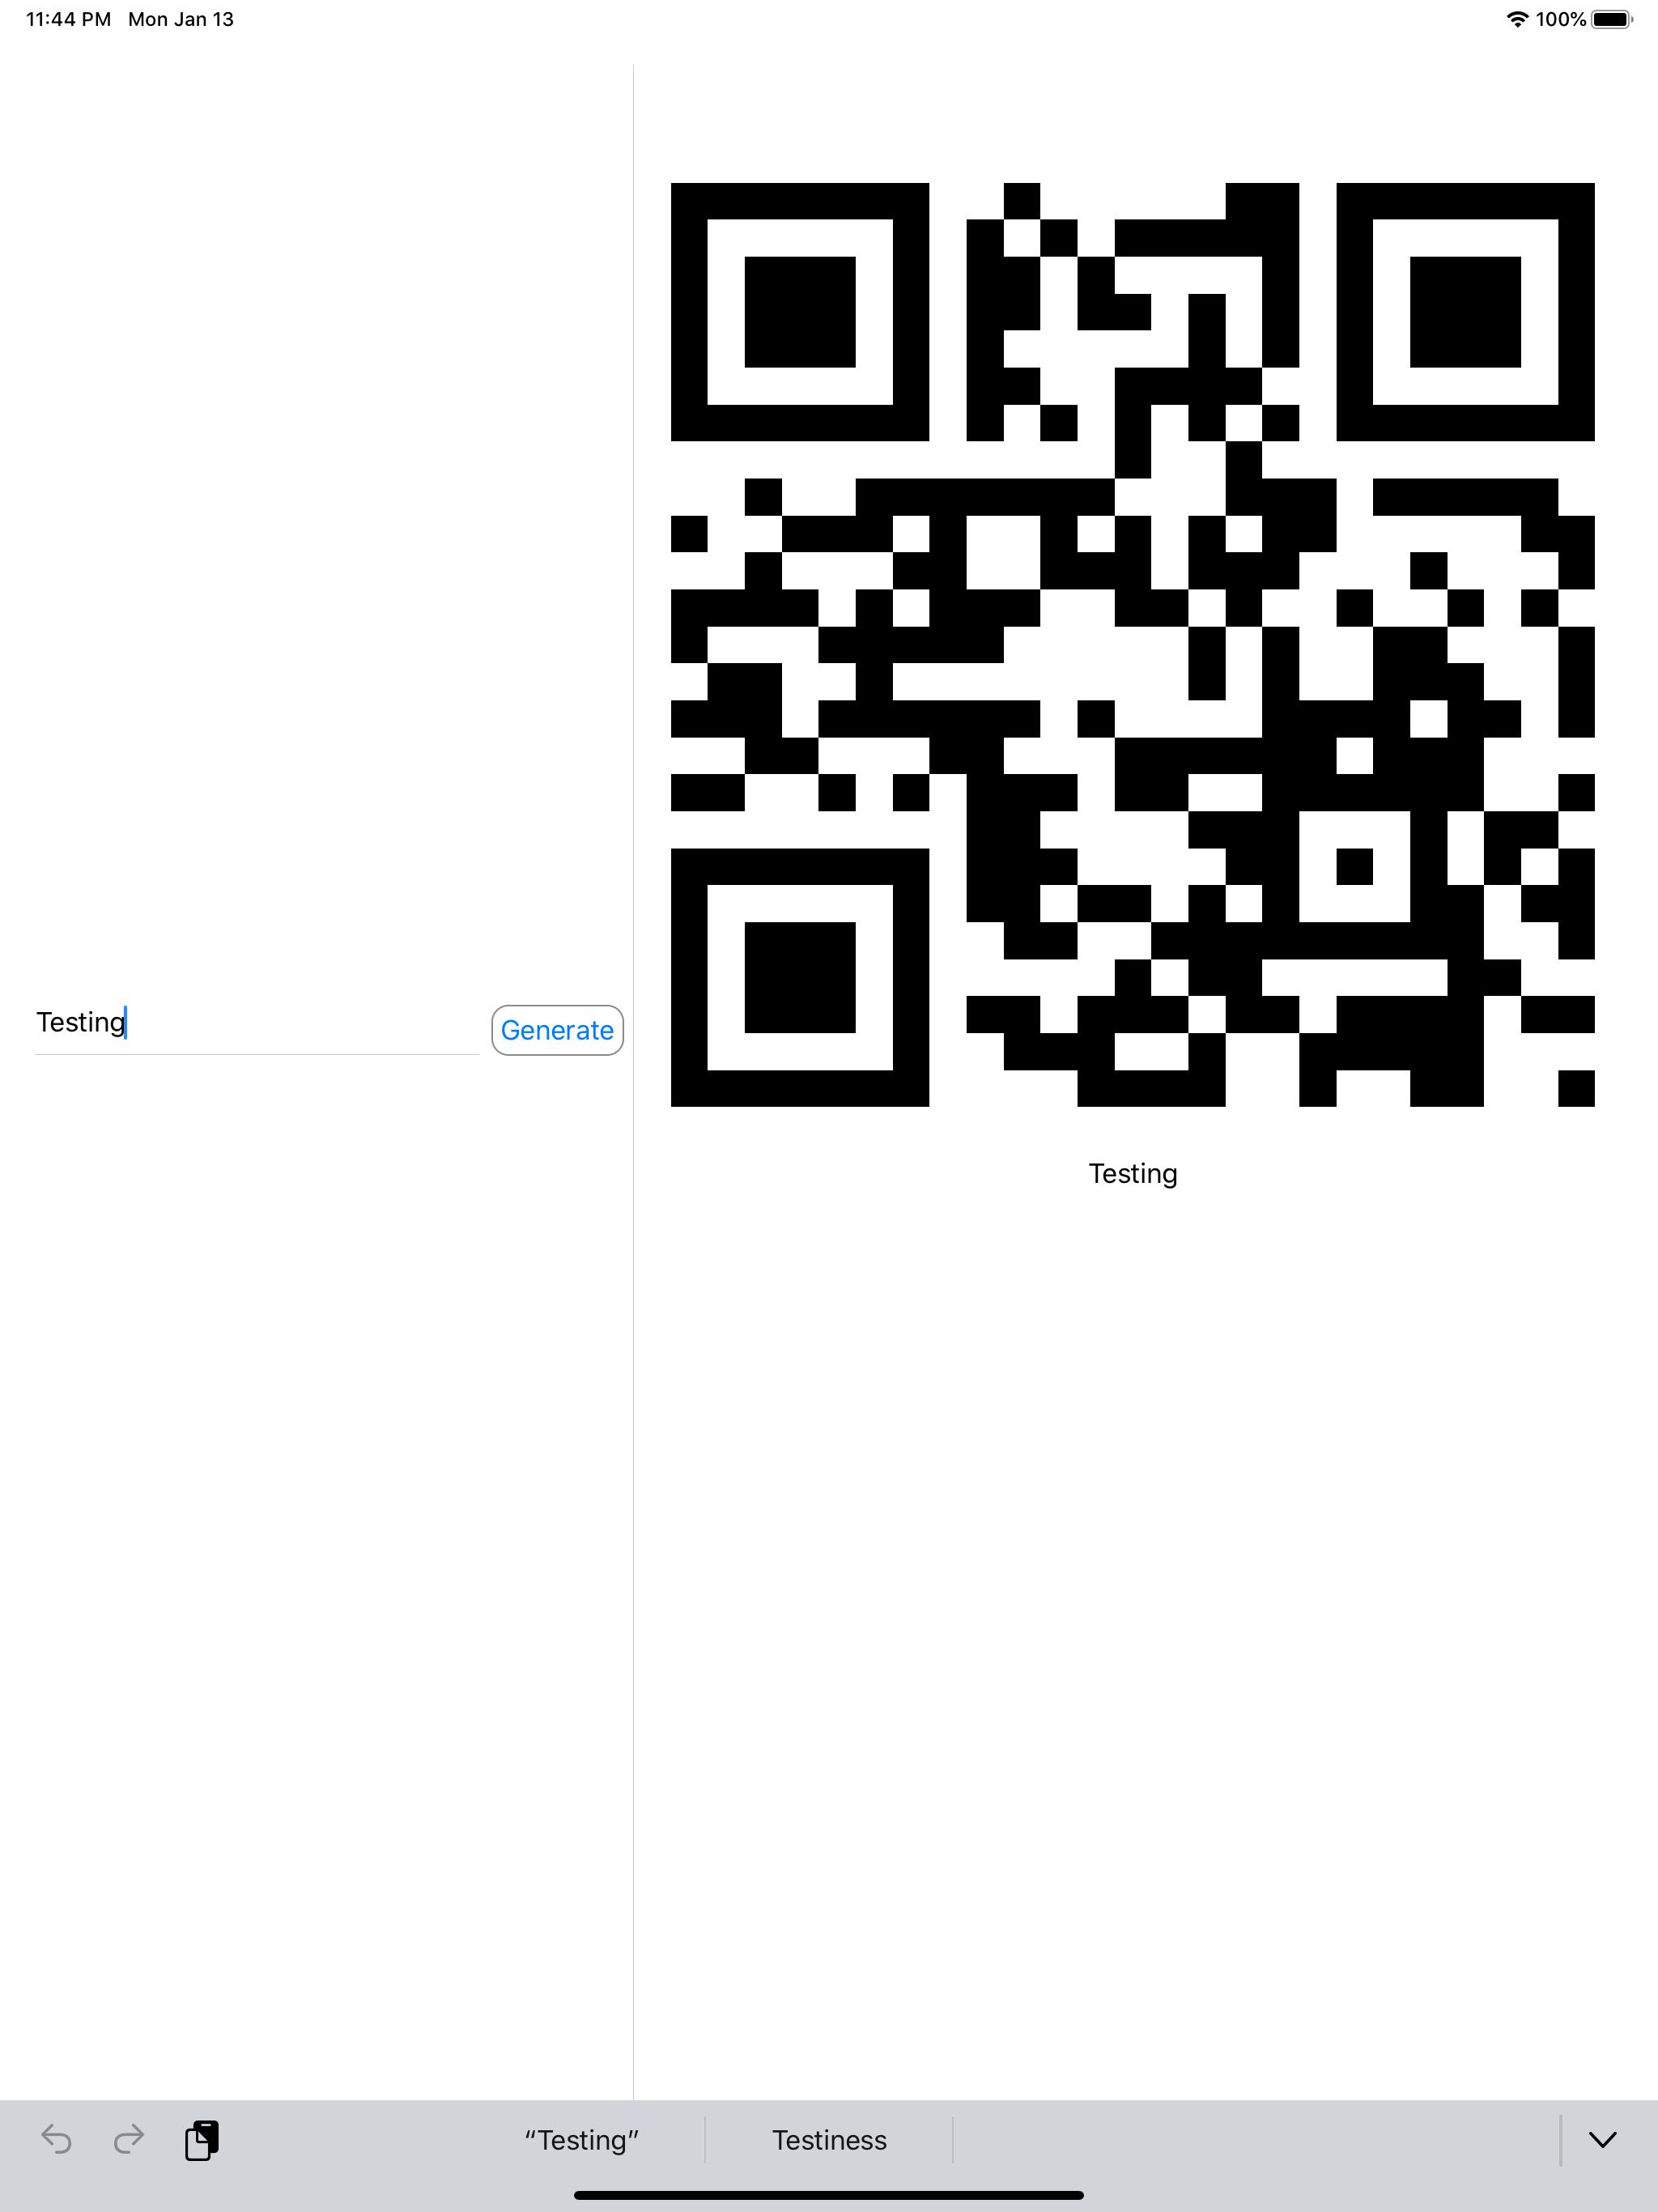 Simulator Screen Shot - iPad Pro (12.9-inch) (3rd generation) - 2020-01-13 at 23.44.55.png